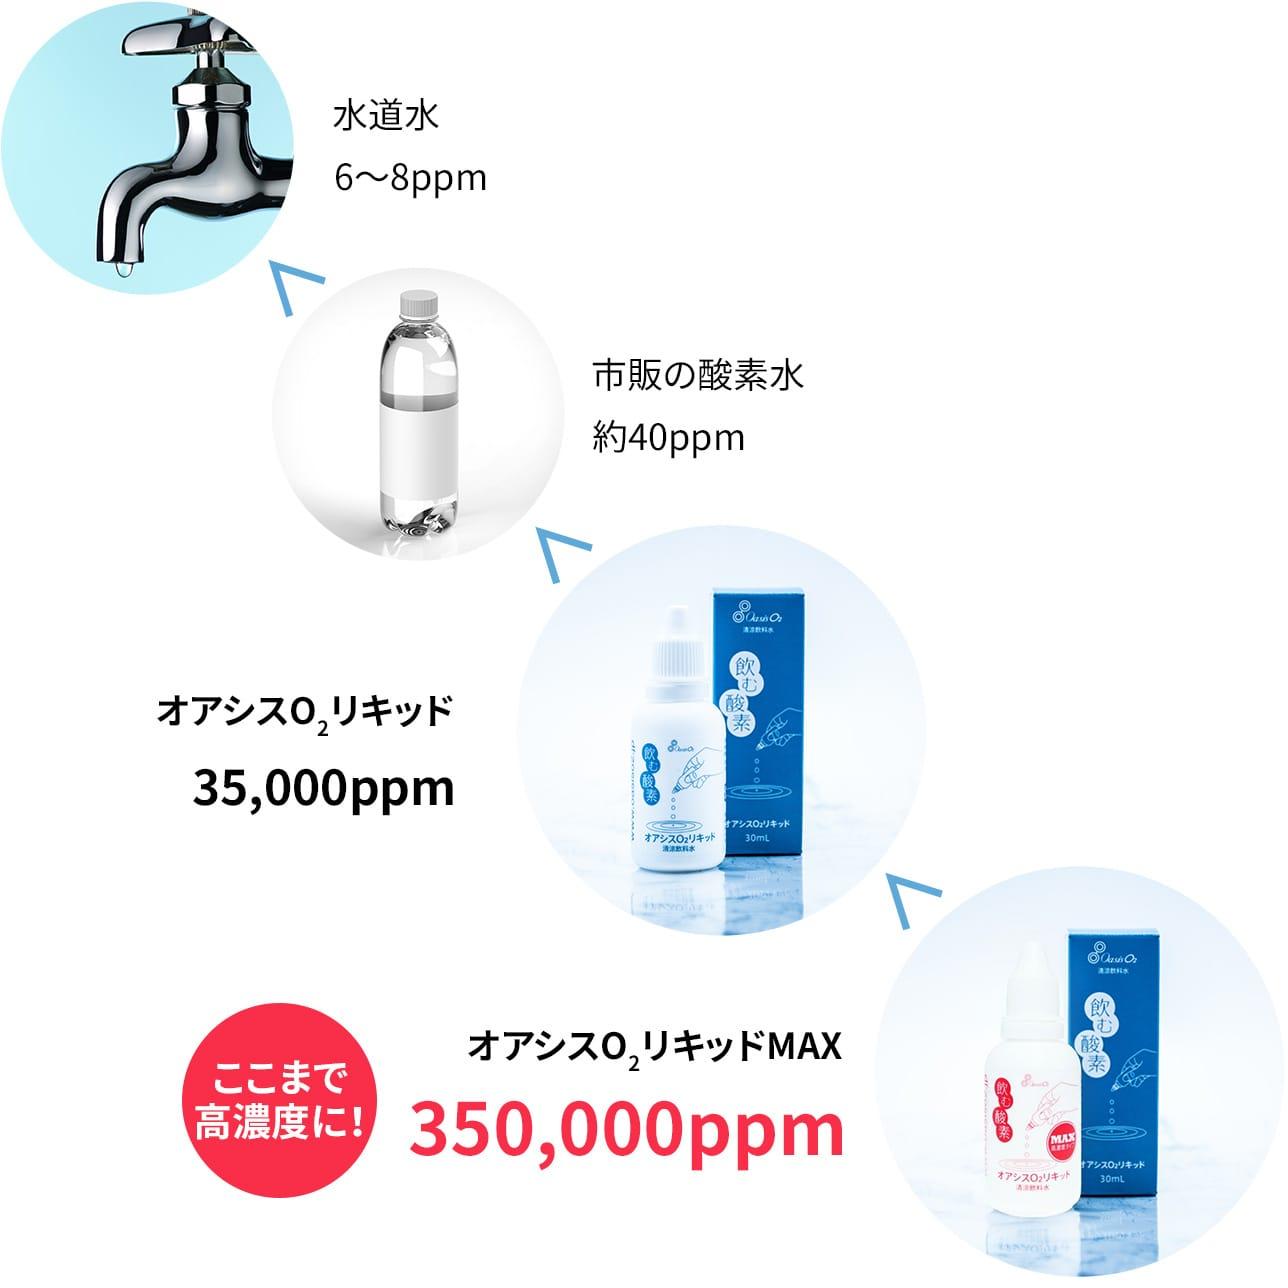 水道水(6~8ppm)<市販の酸素水(約40ppm)<オアシスO2リキッド(35,000ppm)<オアシスO2リキッドMAX(350,000ppm)ここまで高濃度に!